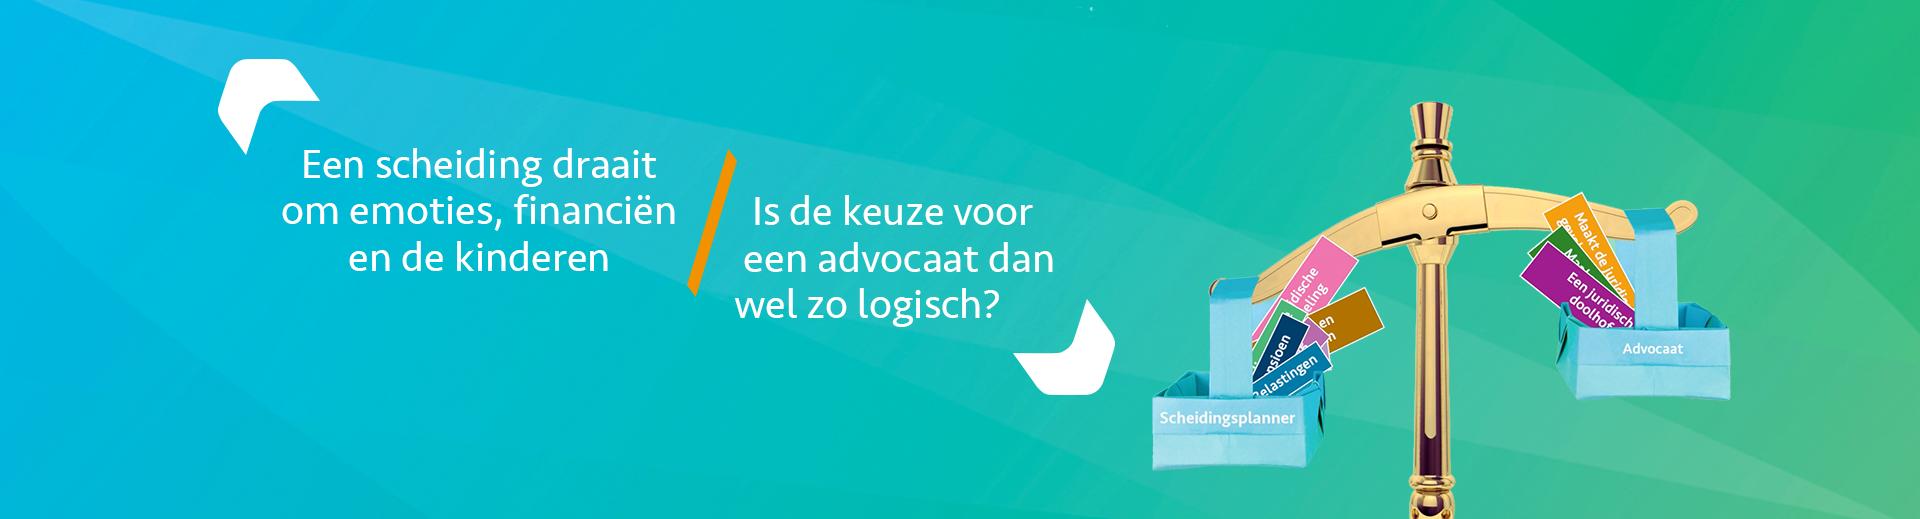 Scheiden zonder advocaat - Scheidingsplanner Hilversum - Bilthoven - Soest - Het Gooi